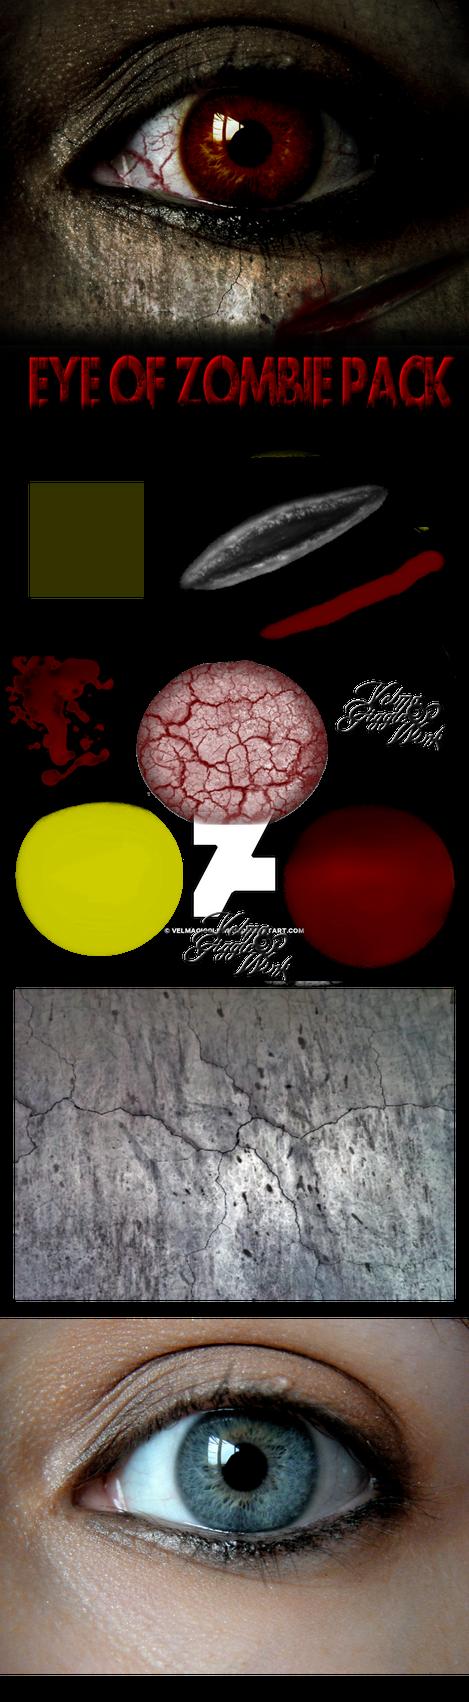 Eye of Zombie Pack and Tutorial by VelmaGiggleWink